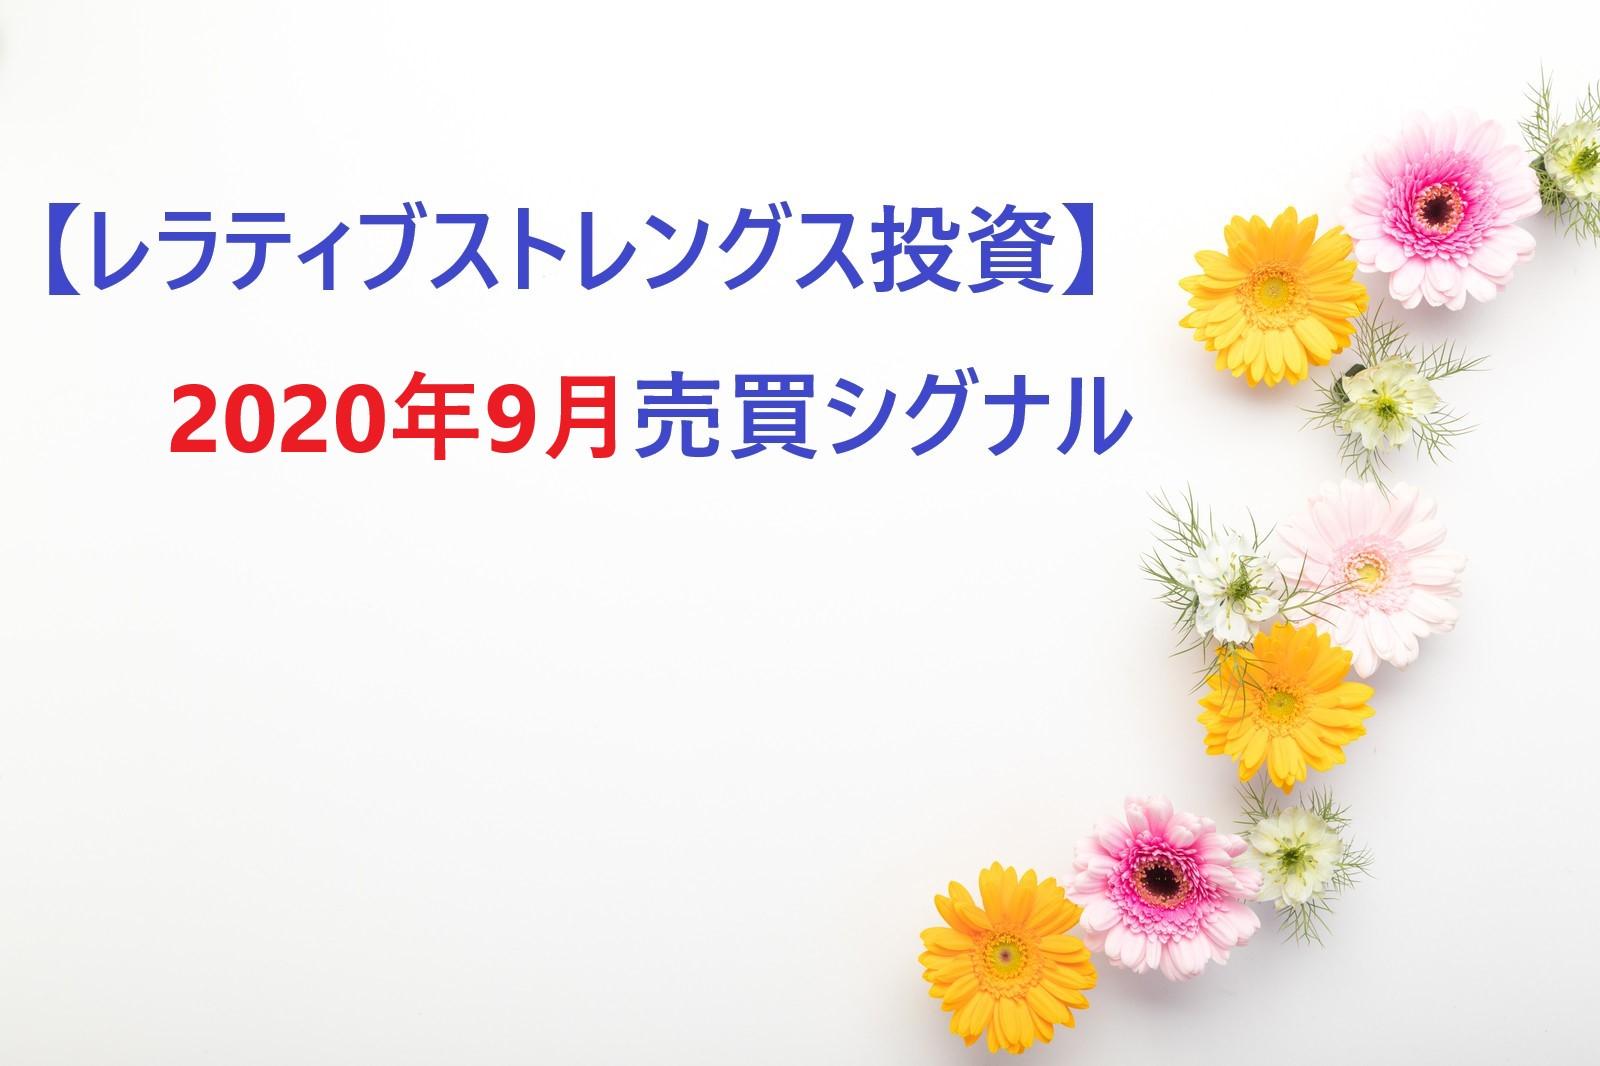 レラティブストレングス-202009